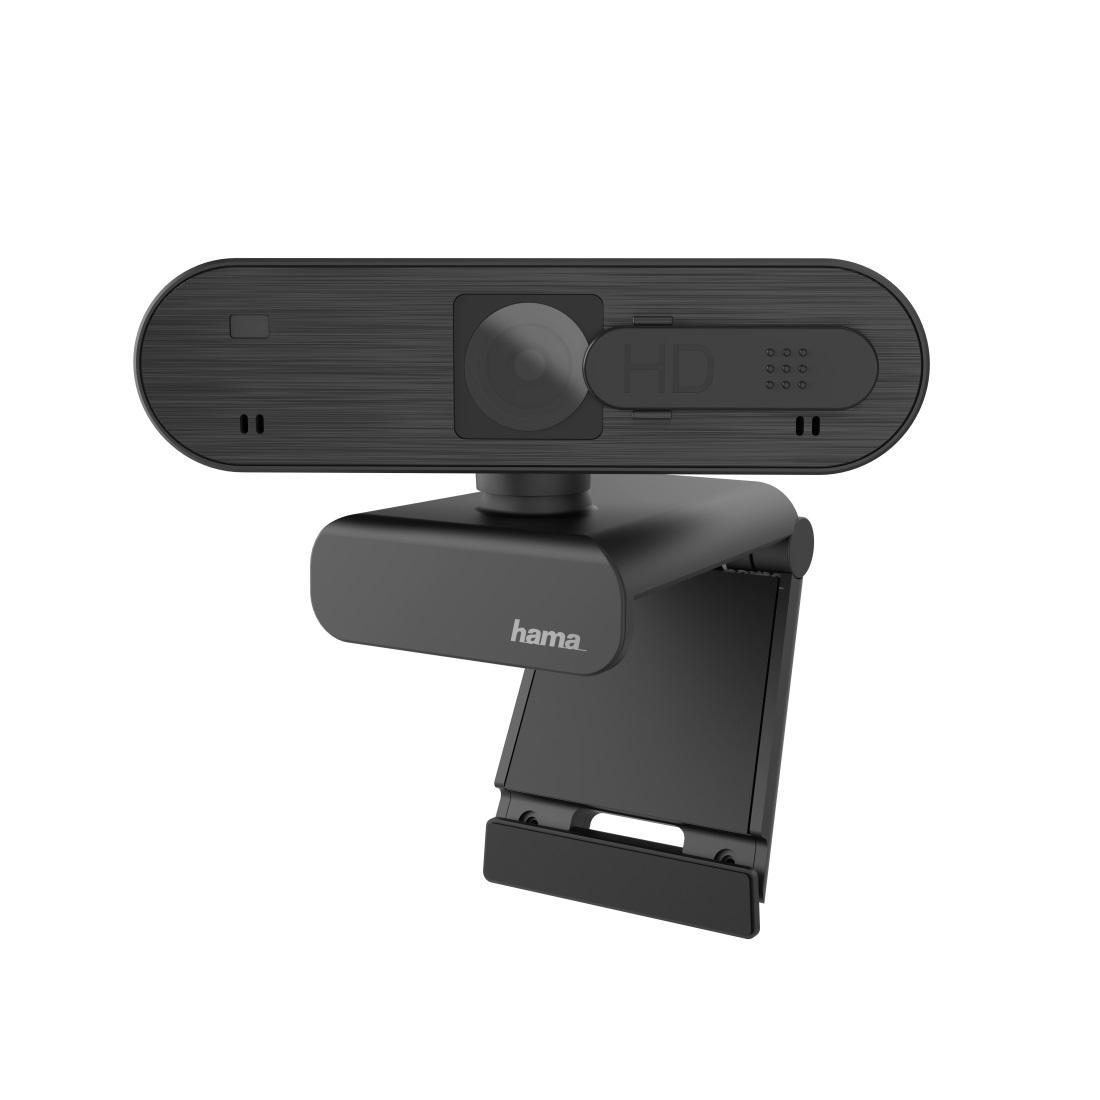 Уеб камера HAMA C-600 Pro, full-HD, стерео микрофон, Черна